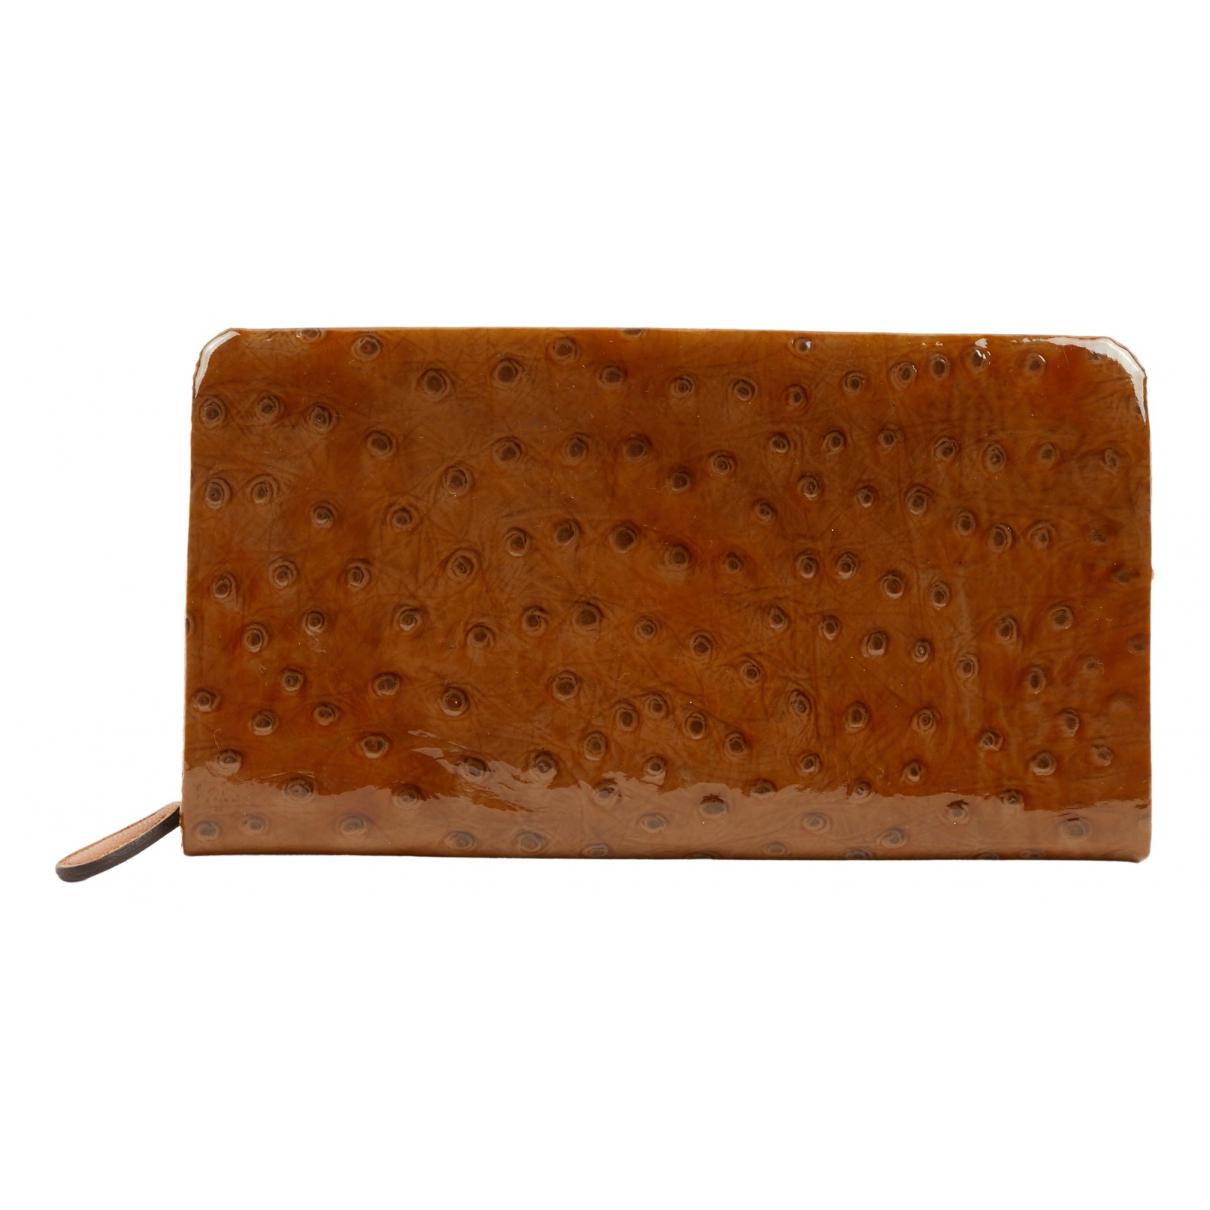 Bottega Veneta N Brown Ostrich wallet for Women N